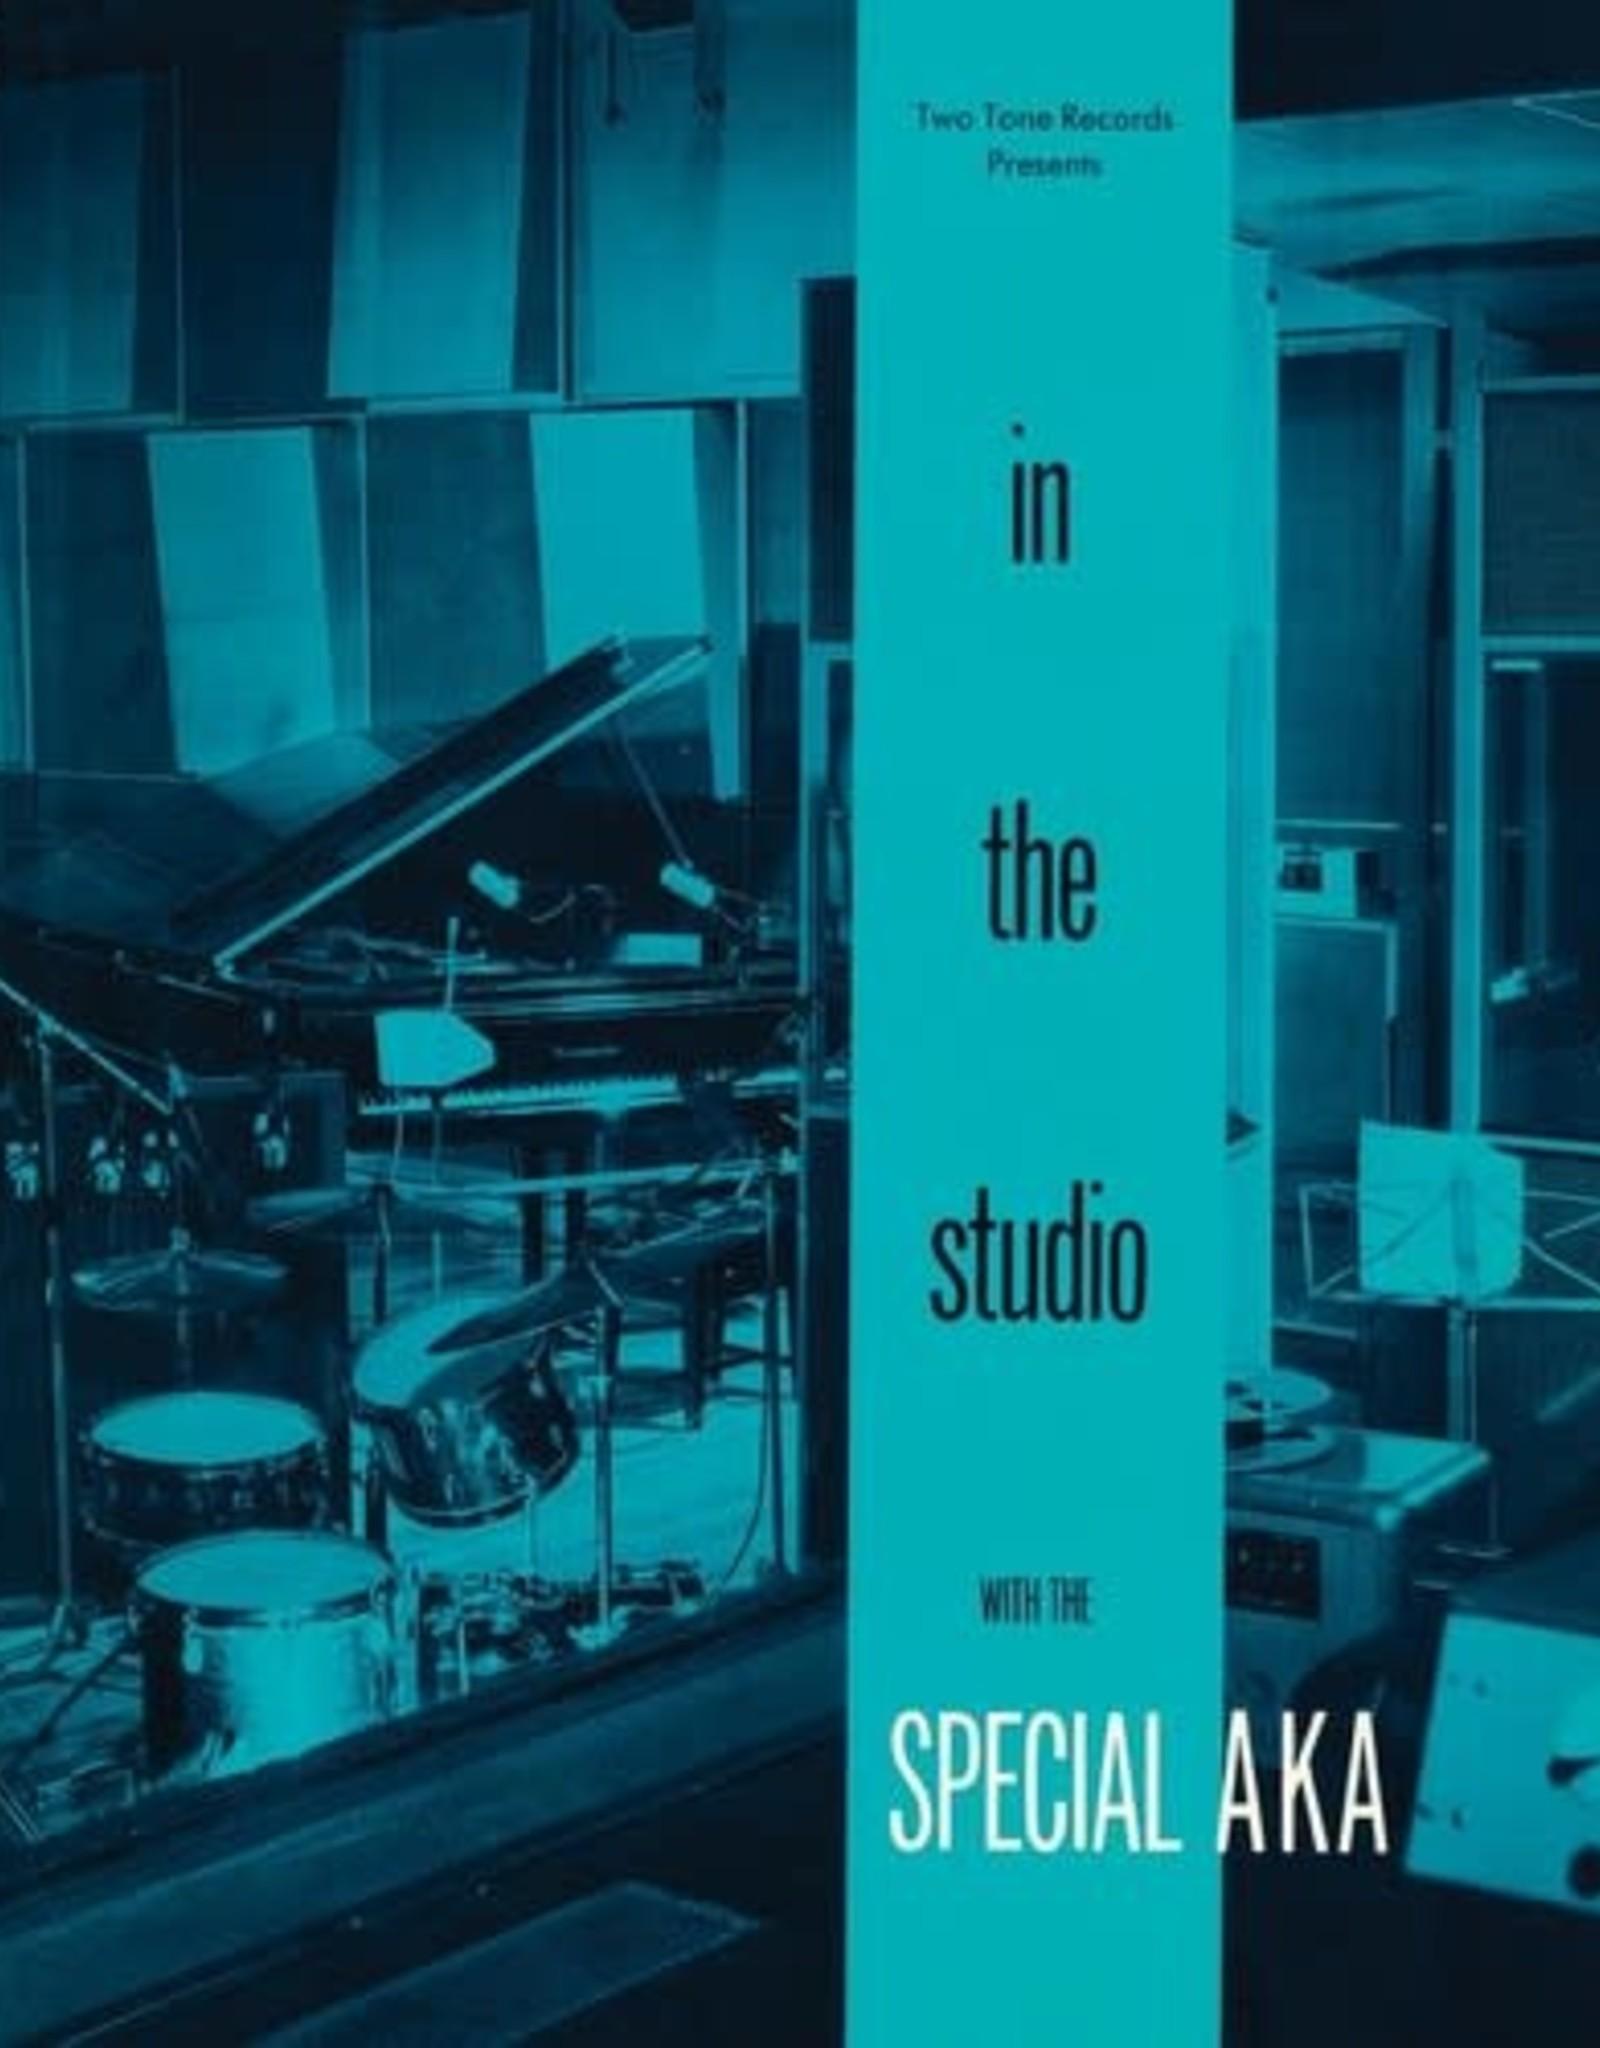 The Specials - More Specials (180 Gram Vinyl)